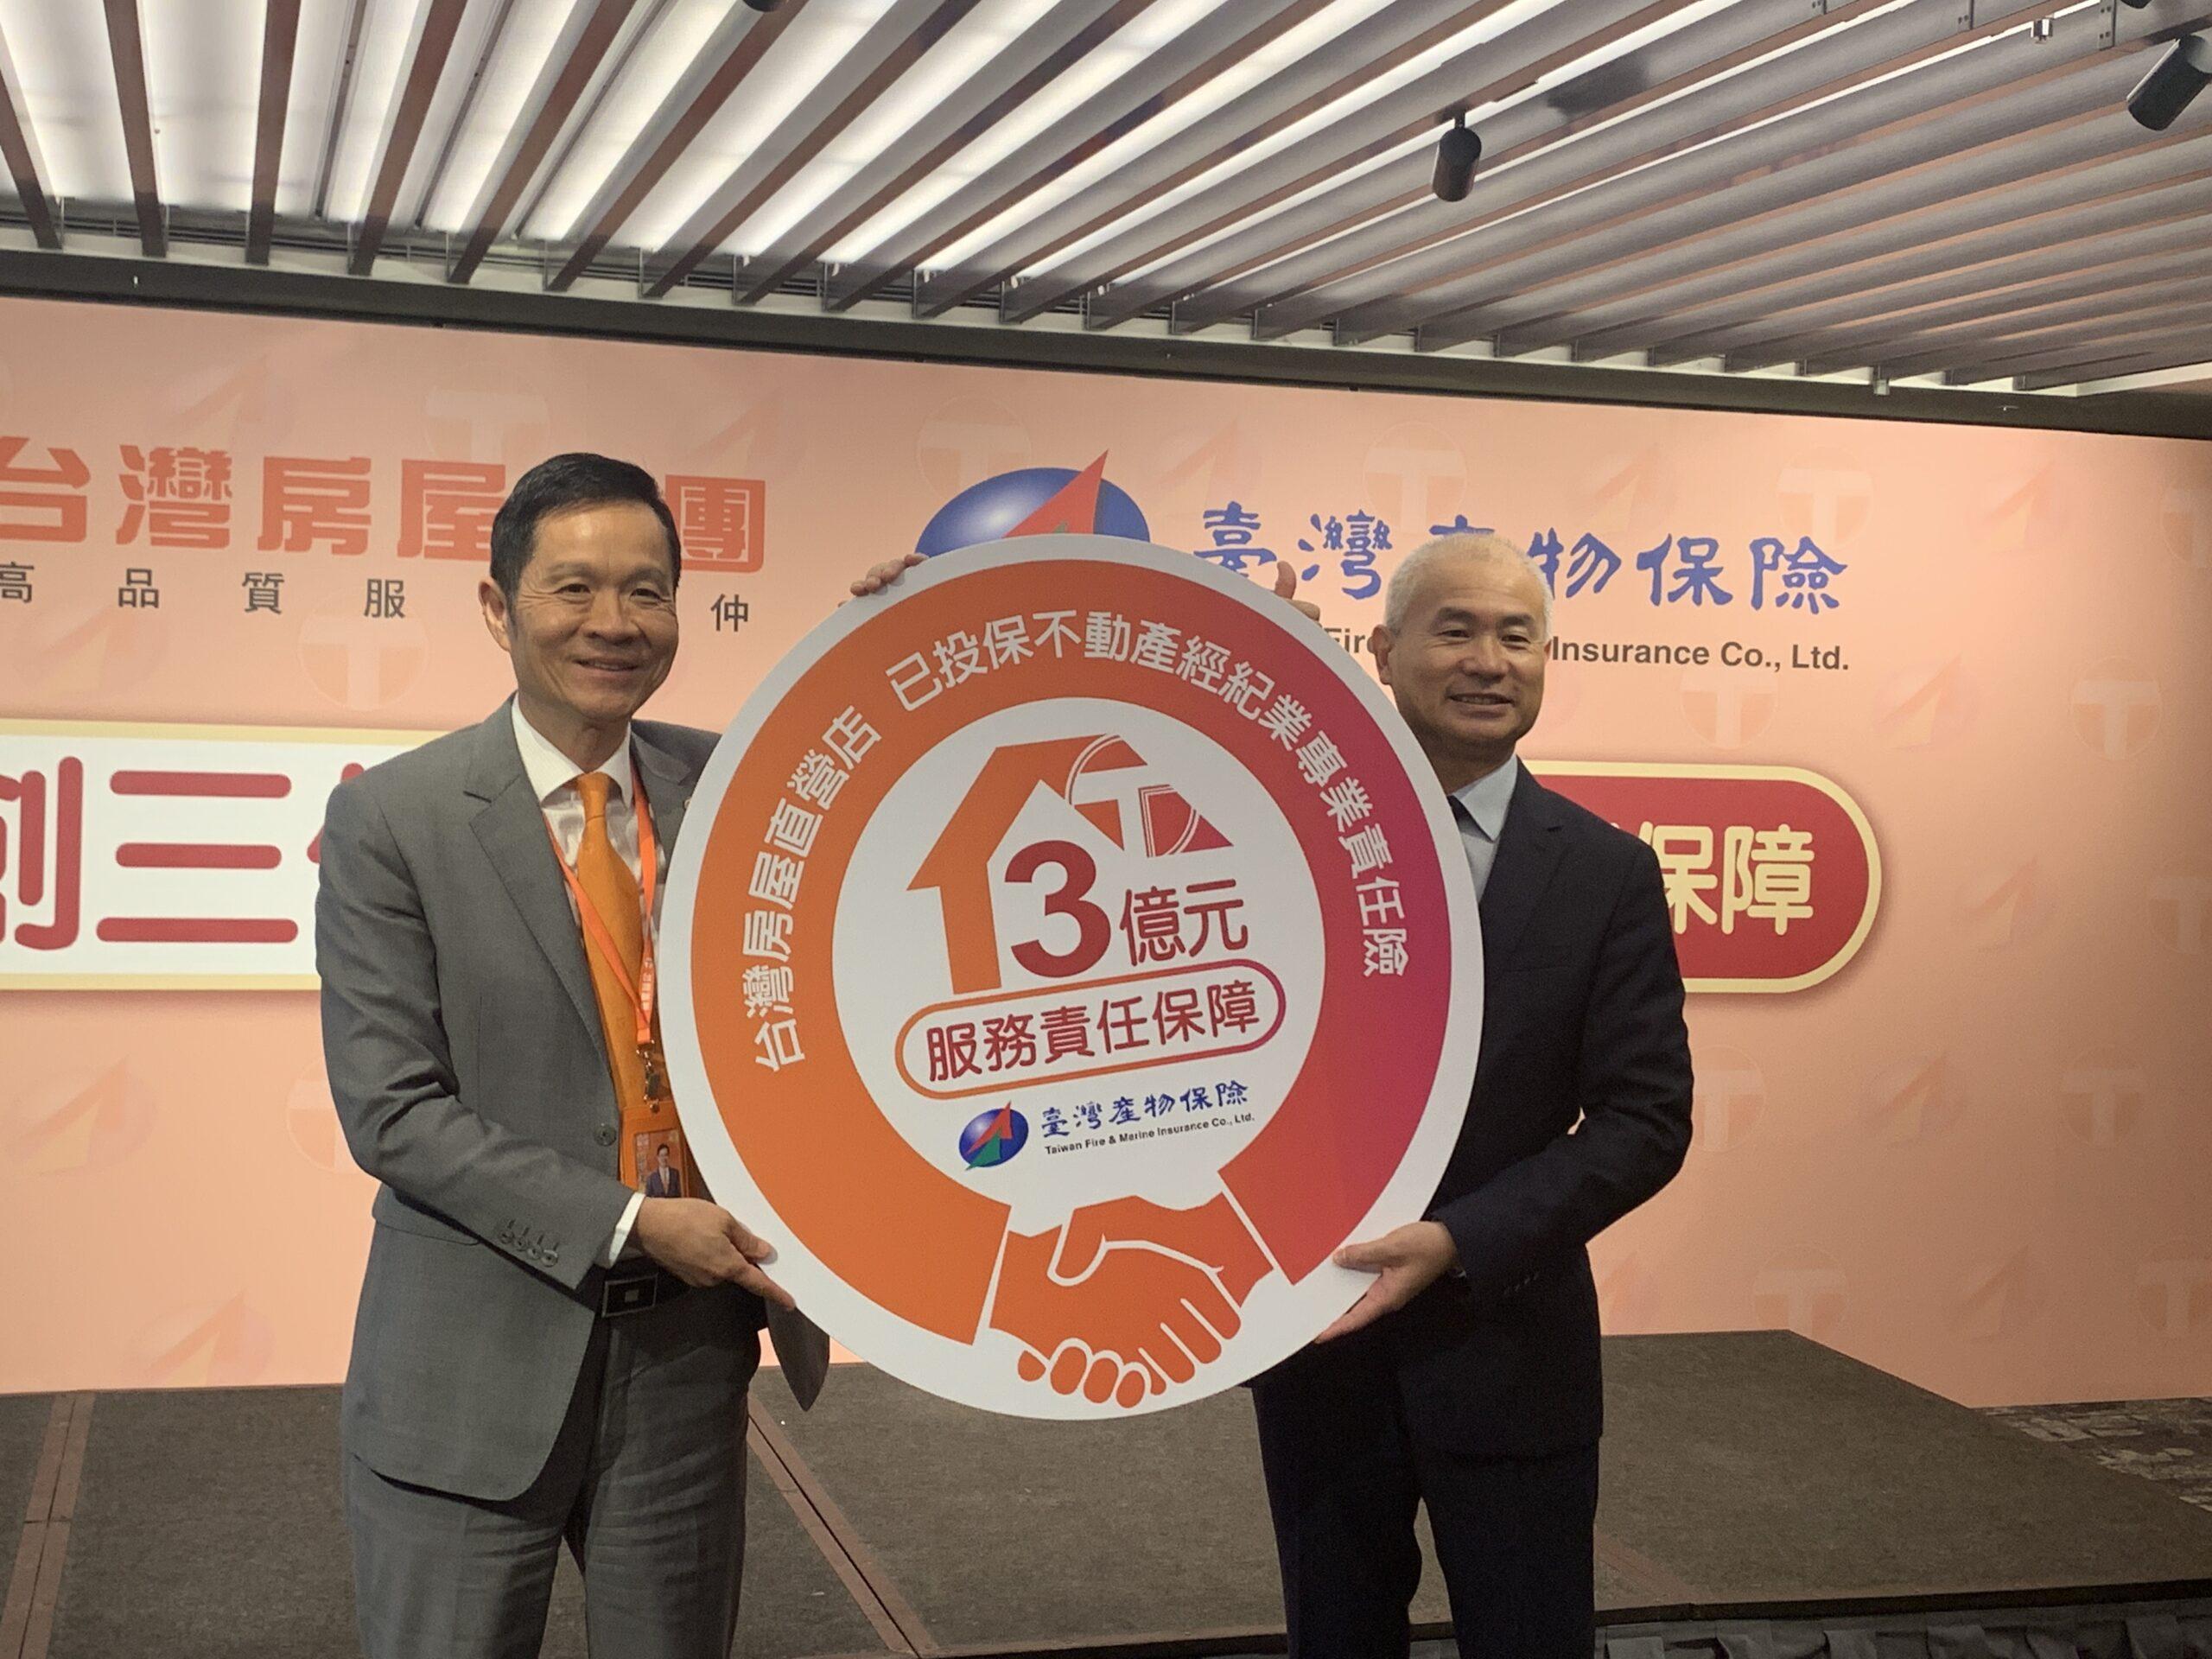 【有影】一大步!台灣房屋x 臺灣產物保險  首創不動產經紀業專業責任保險